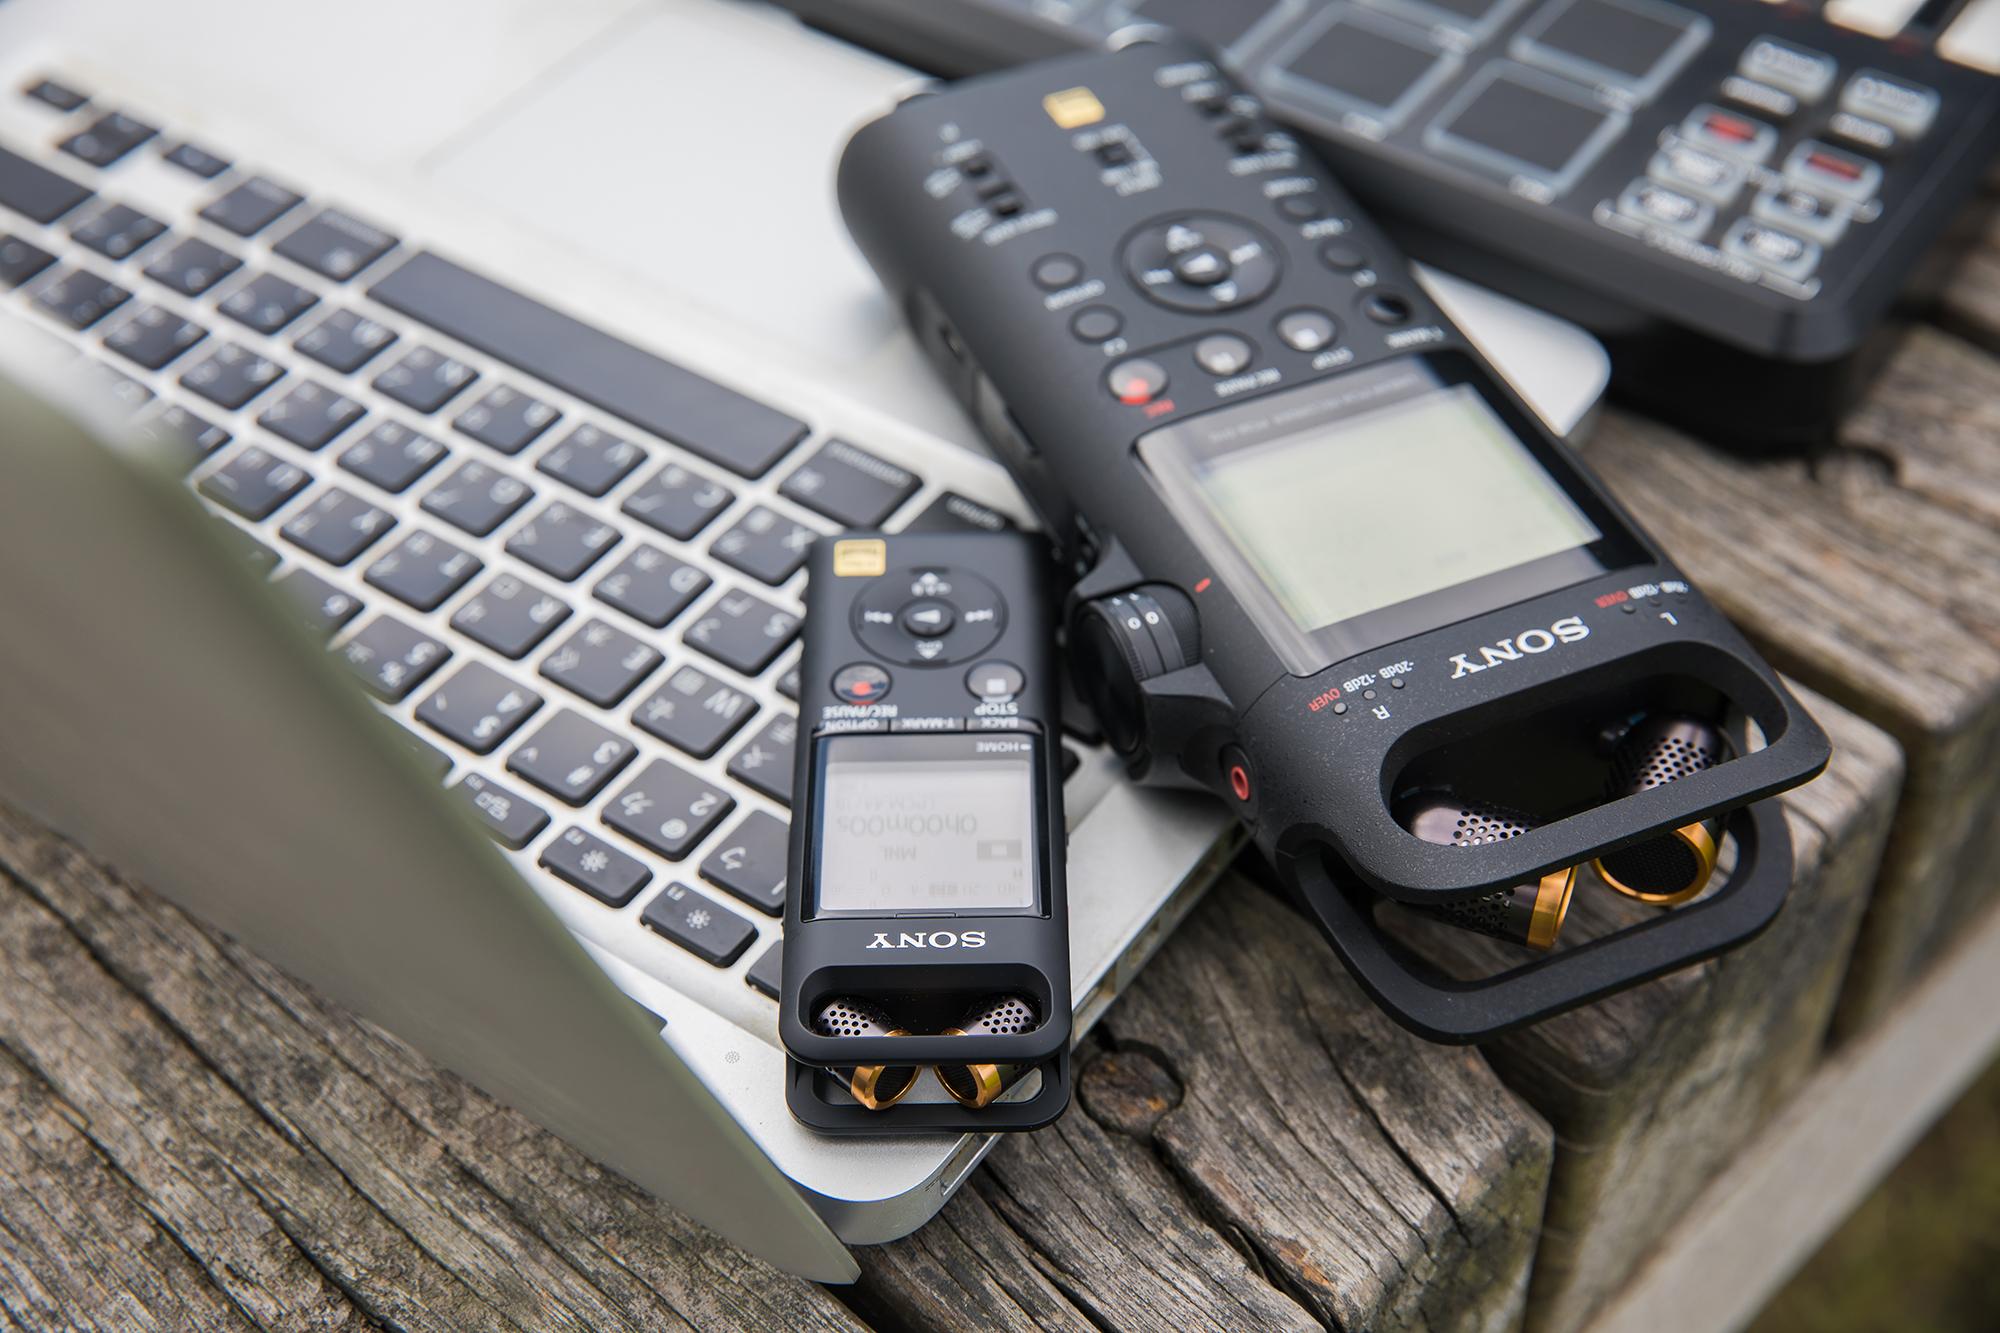 只要不是太吵的環境,舉凡戶外、演奏現場�,PCM-D10(右)都能把現場的聲音清晰錄下。